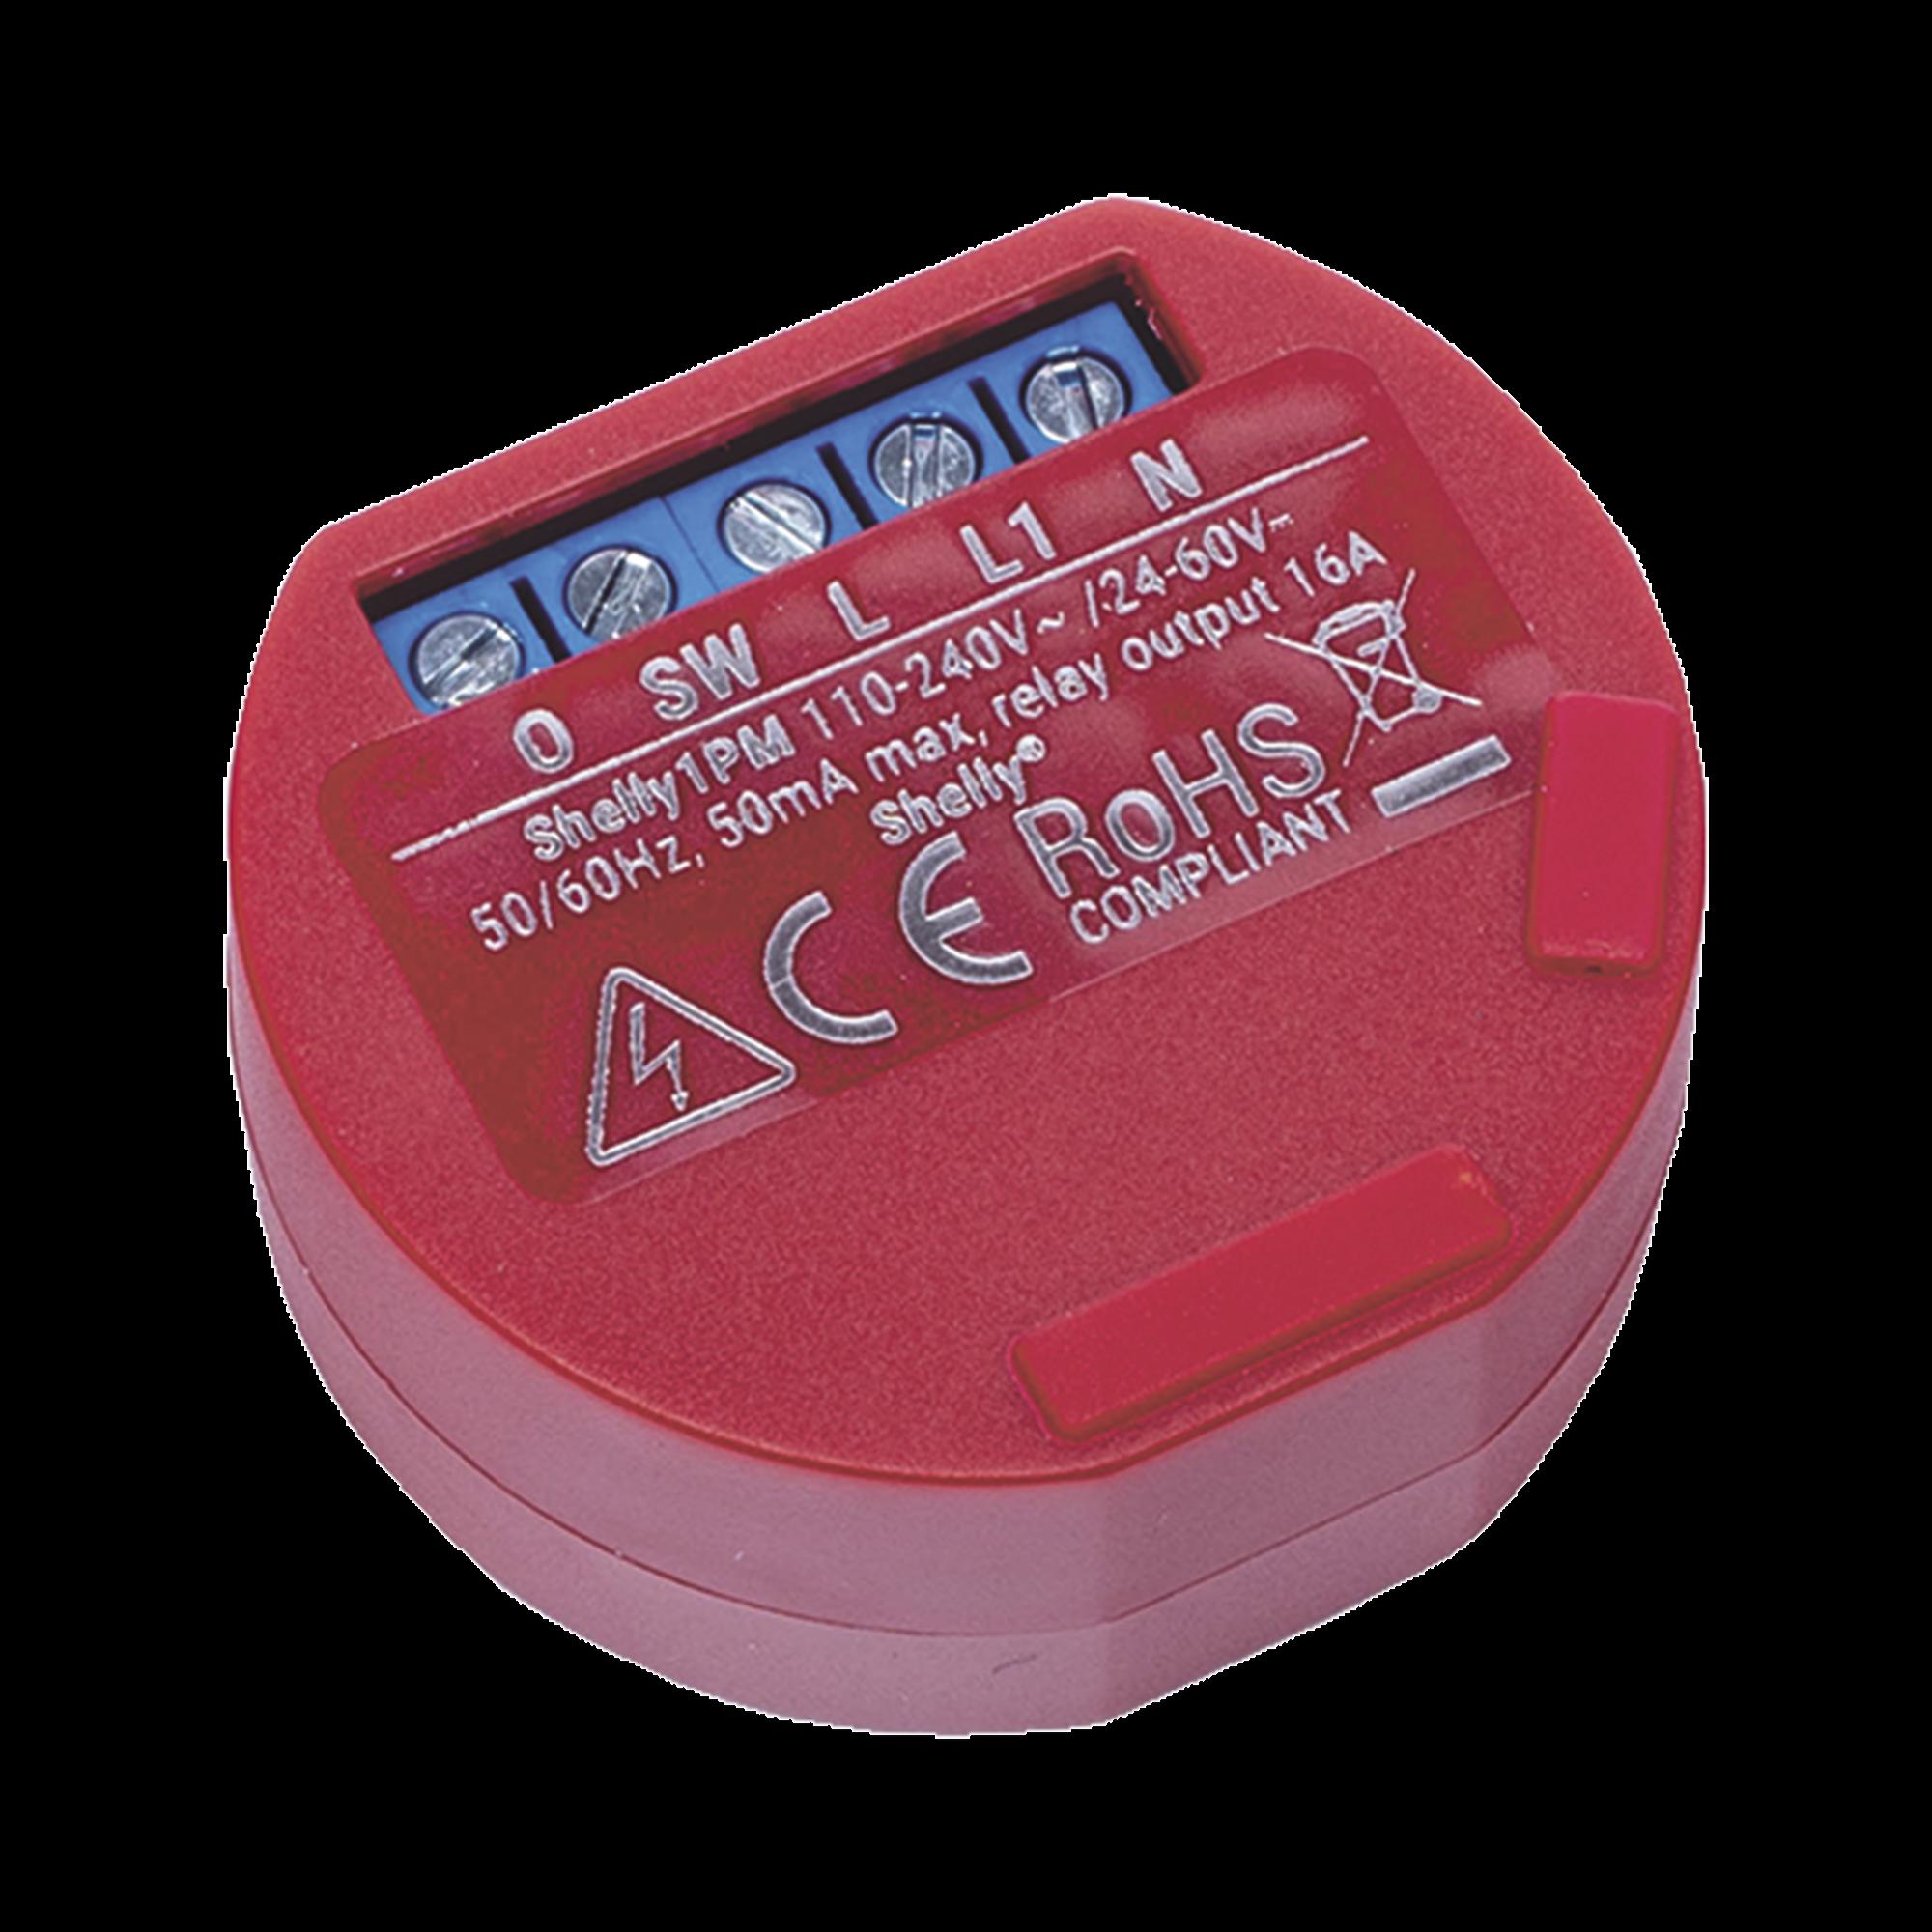 Relevador / Interruptor WIFI CLOUD / Industrial y residencial Inteligente / Medidor de consumo, protección hasta 3500W / 16A / Soporta Google / Alexa / Nube P2P y control local /